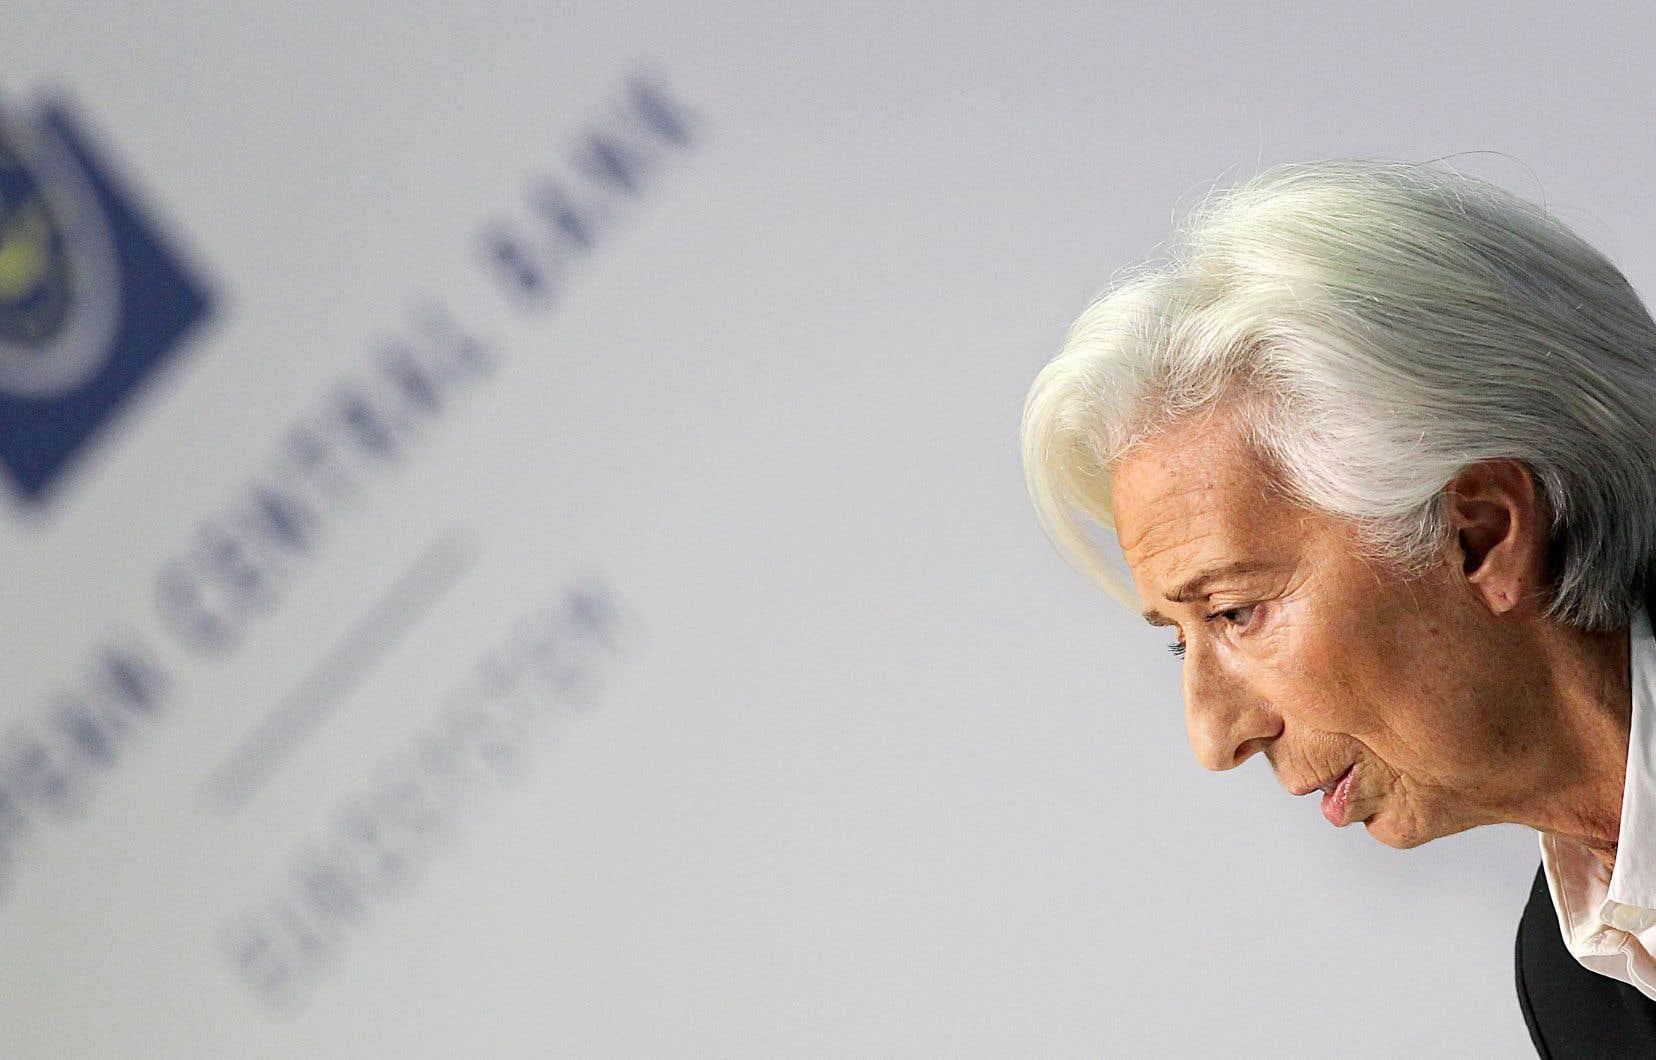 «L'année s'annonce chargée pour nous», a résumé devant la presse jeudi la nouvelle patronne de la Banque centrale européenne, Christine Lagarde.